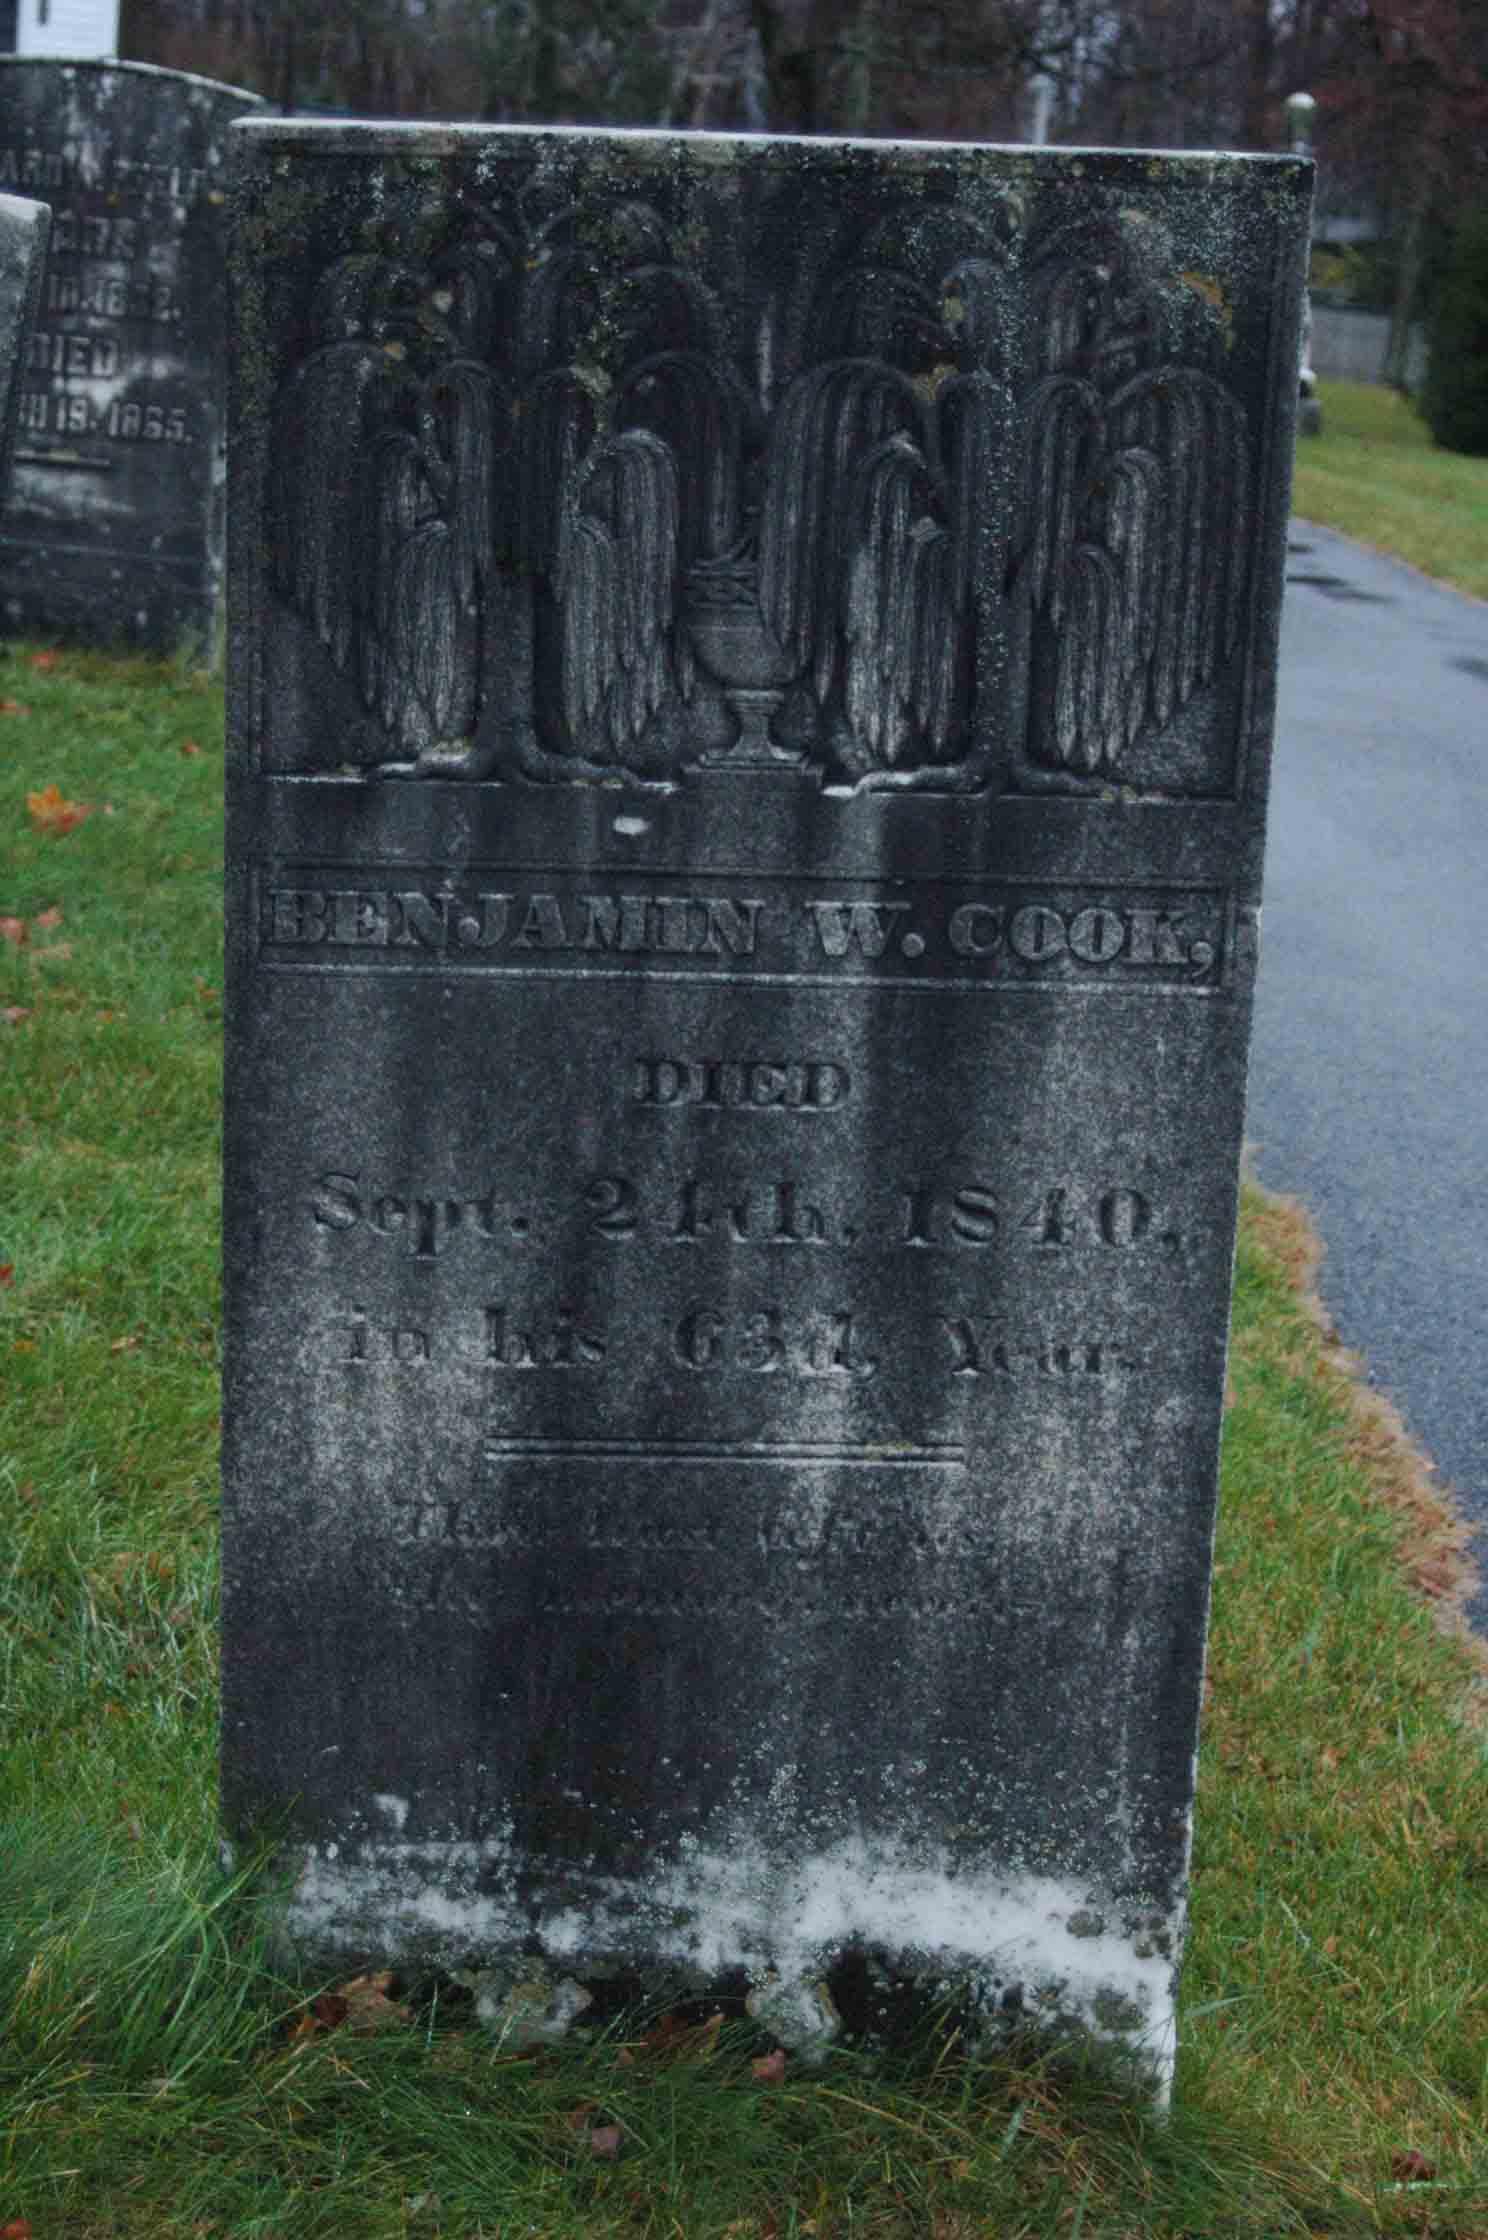 Benjamin W Cook